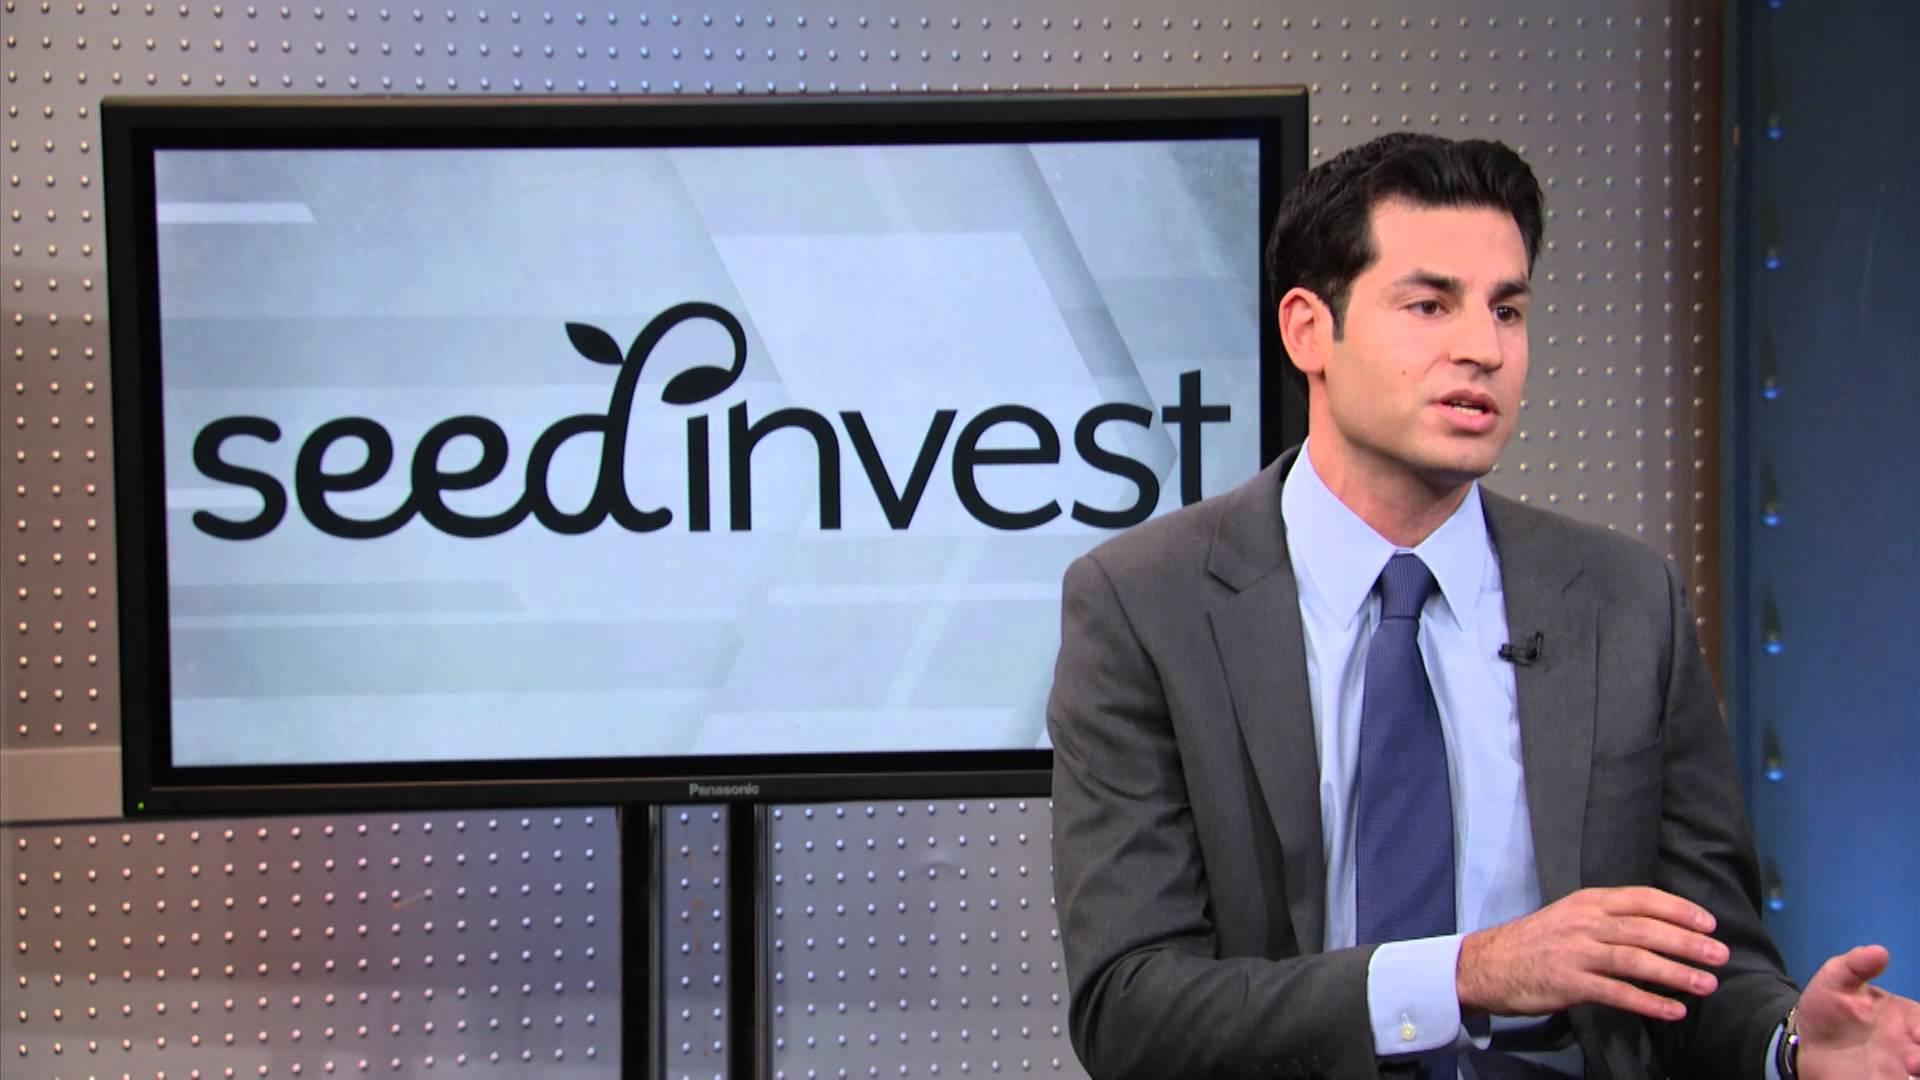 SeedInvest CEO: Startup Star? | Mad Money | CNBC